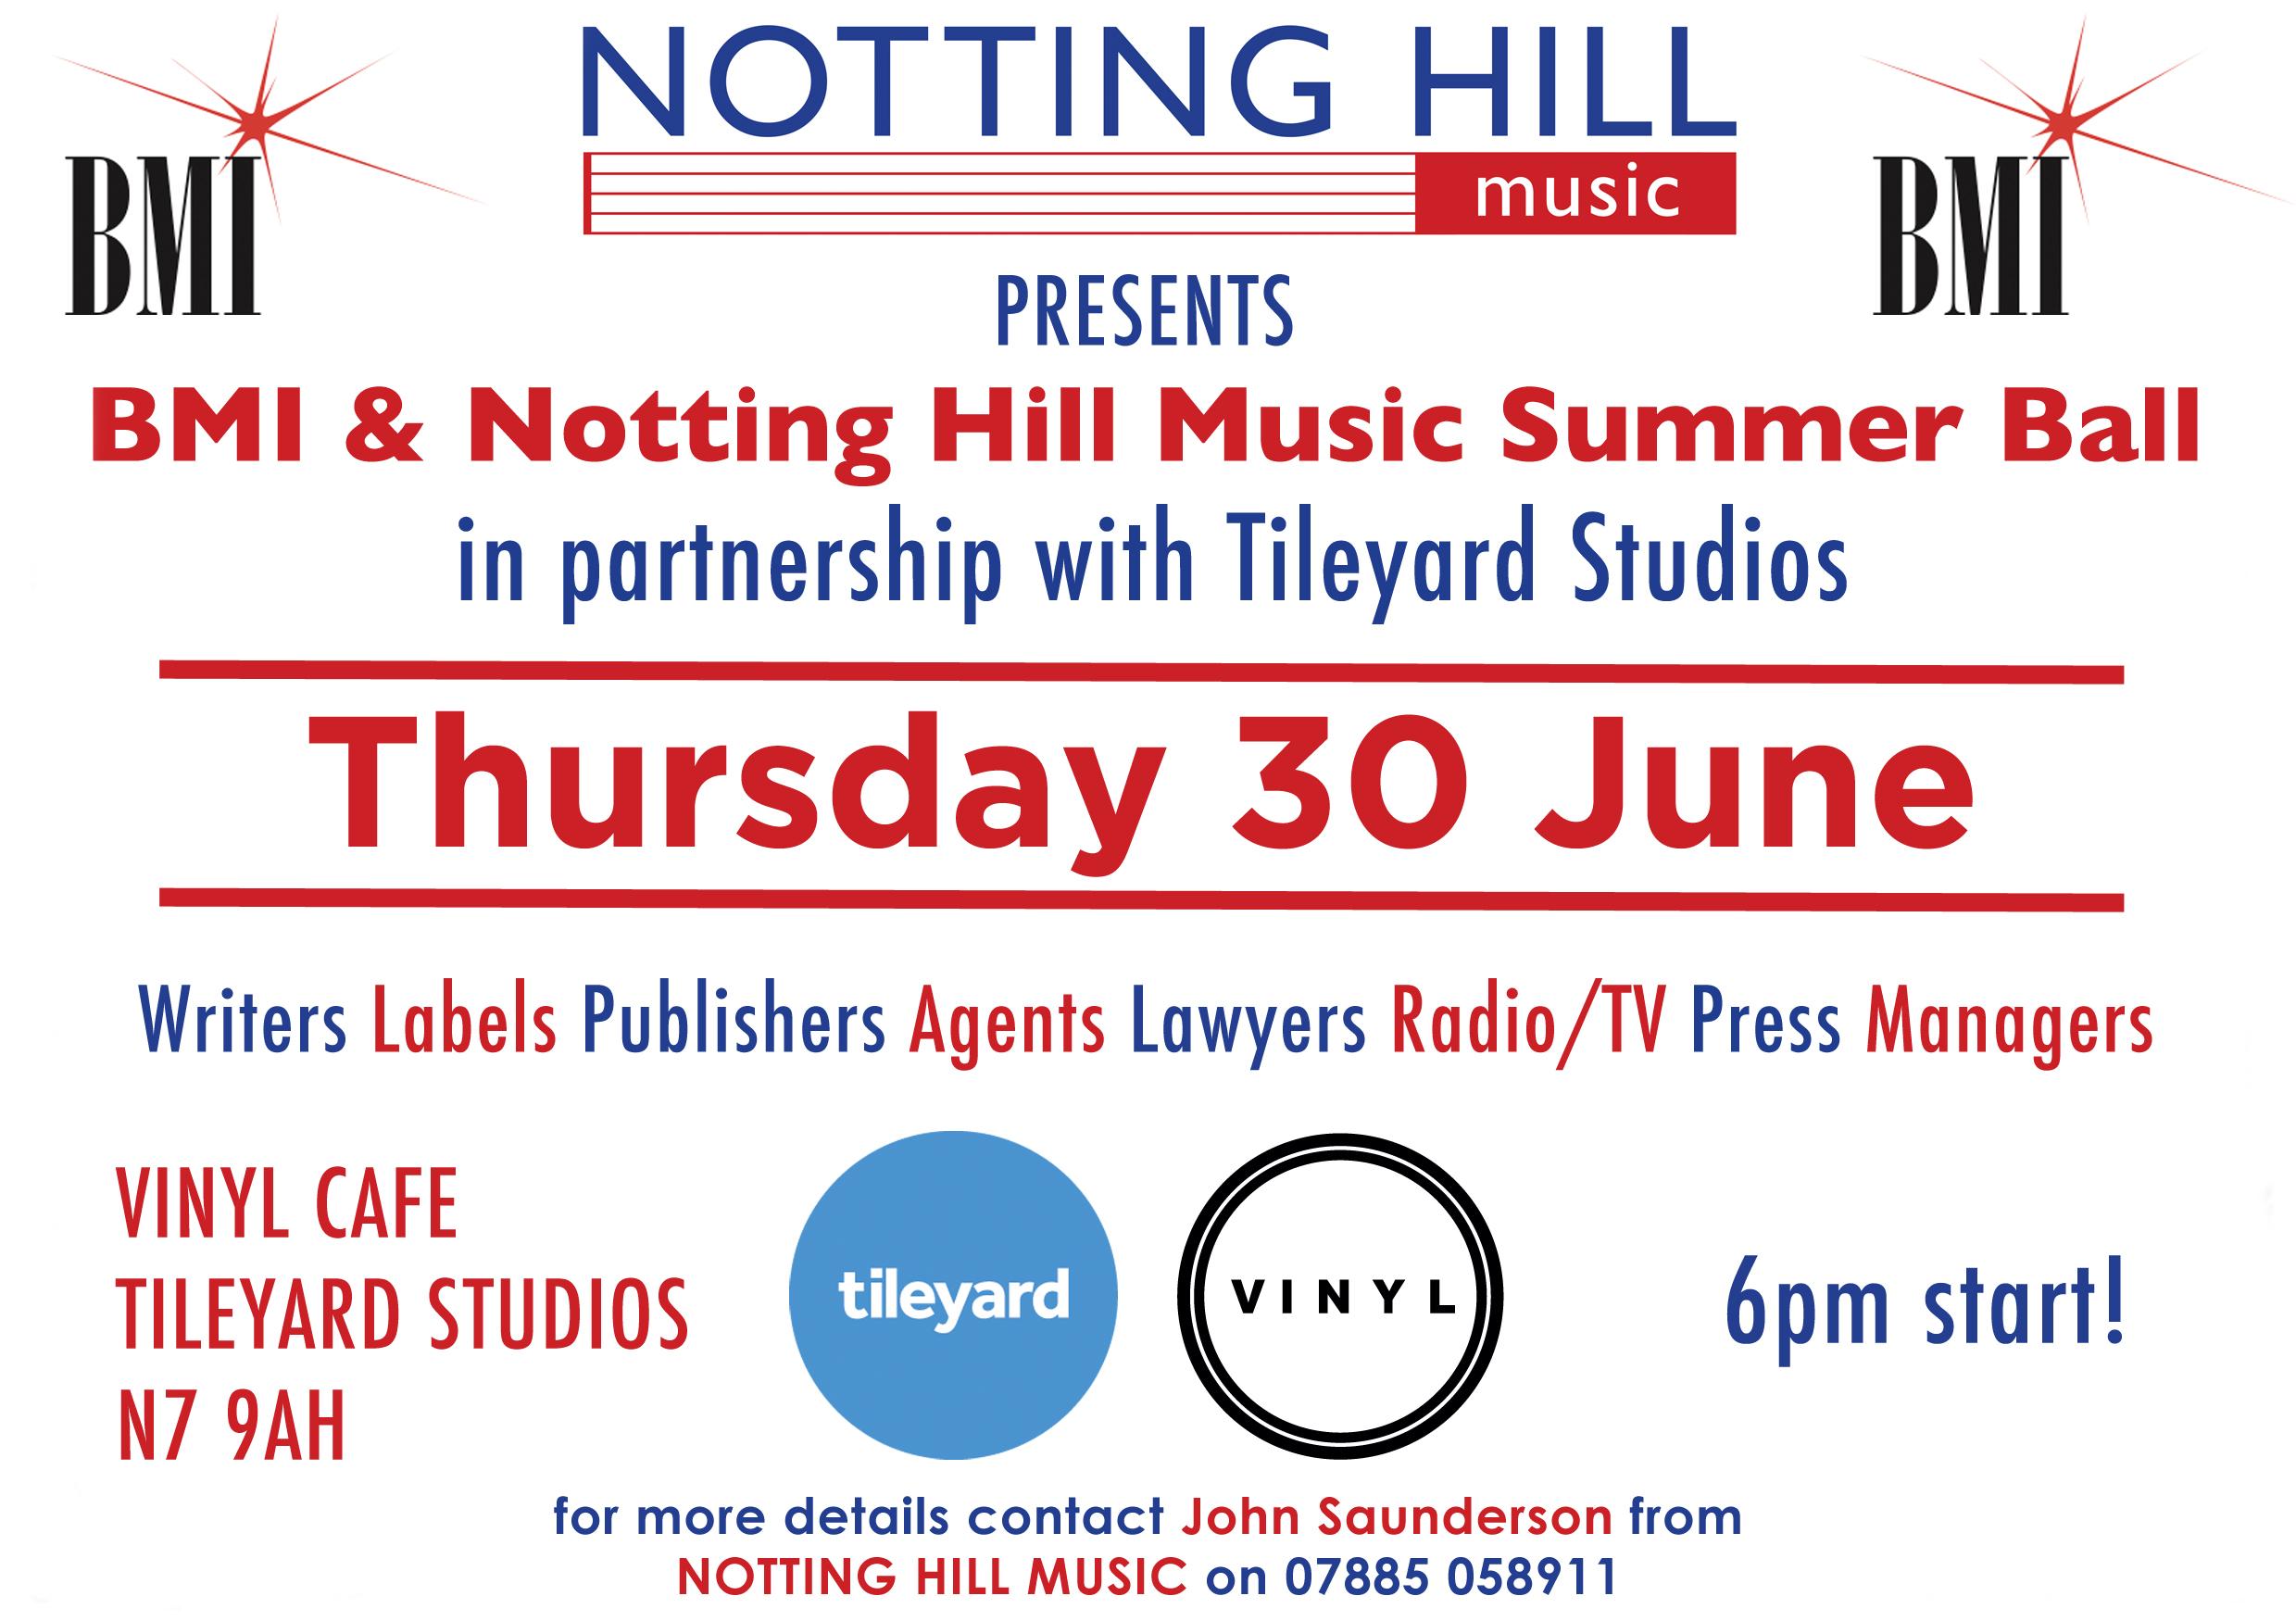 Thursday 30th June!